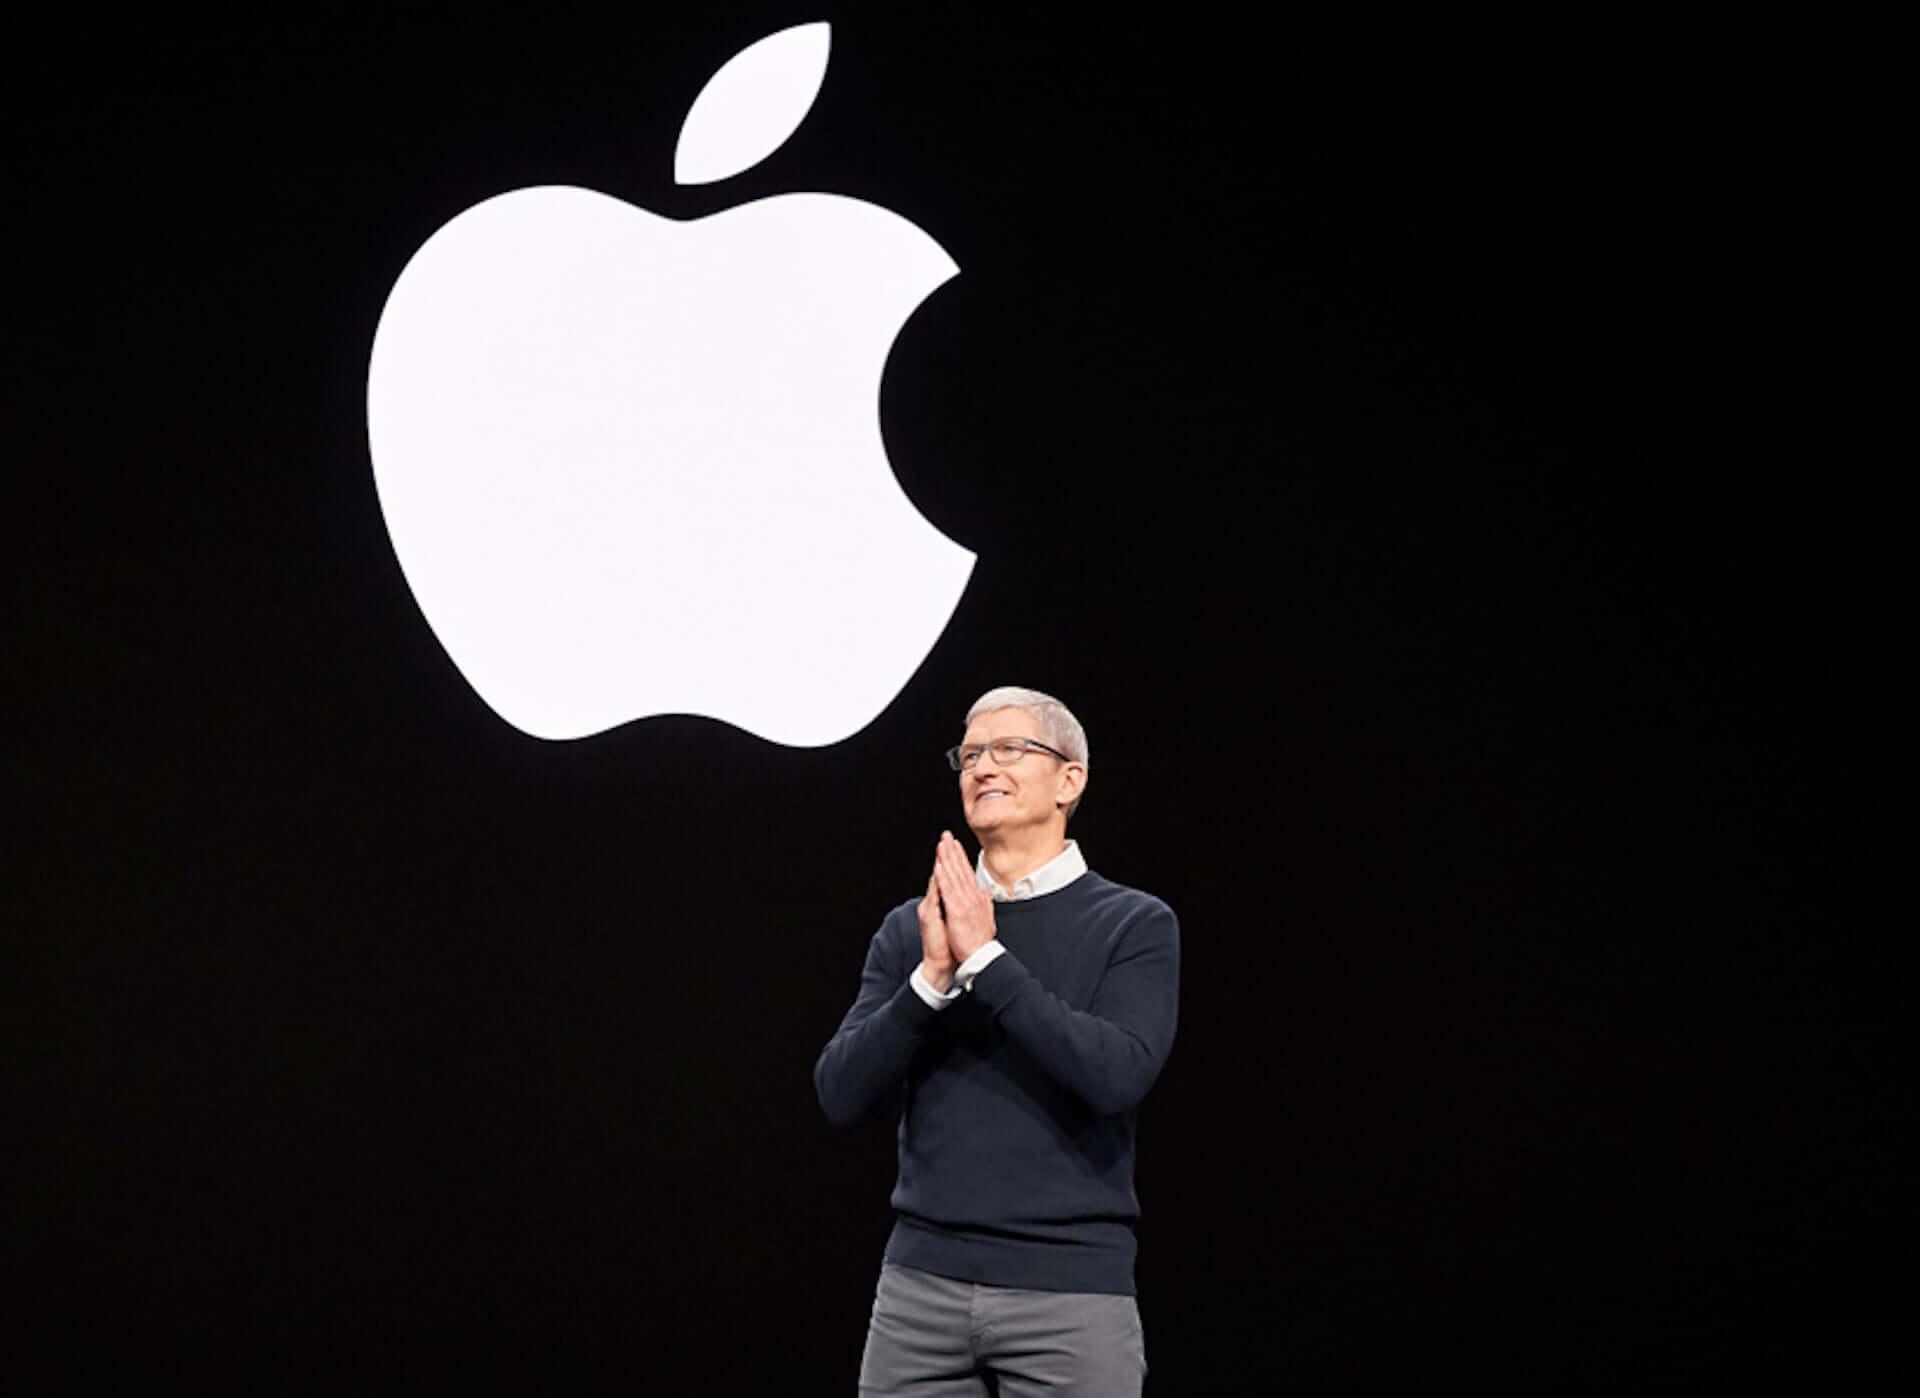 Apple、特許出願のMRヘッドセットはARにもVRにも対応可能! tech190723_apple_vr_main-1920x1398